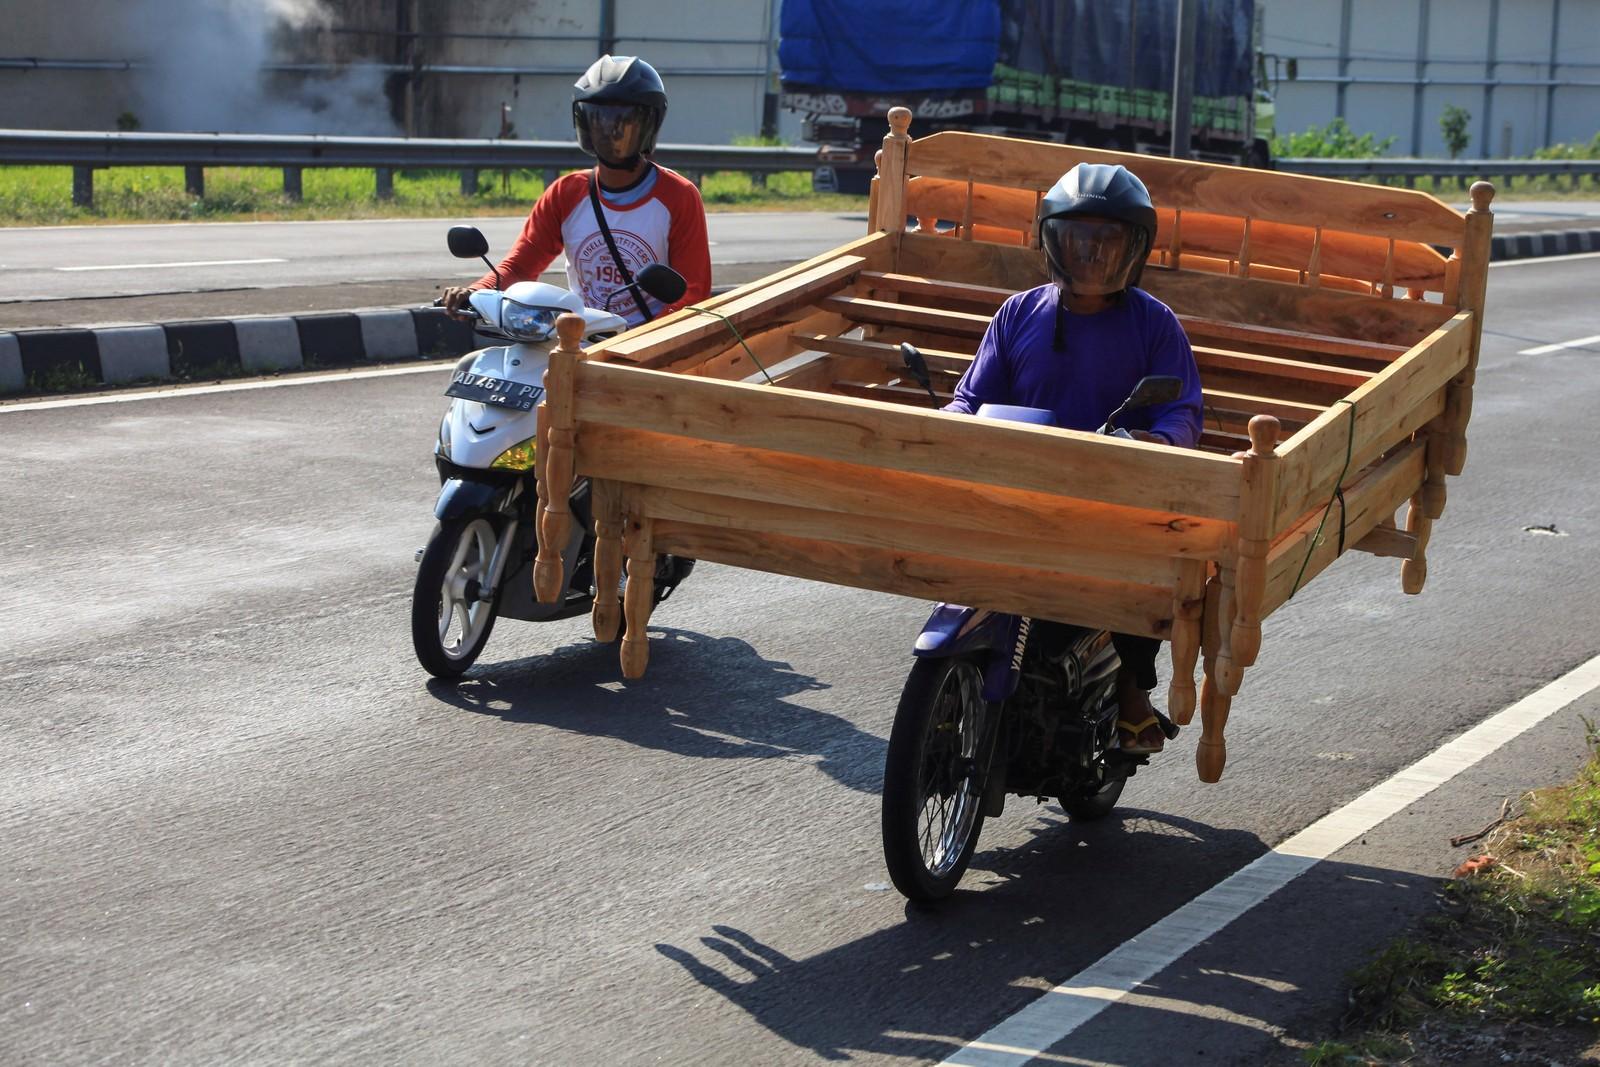 Motociclista leva camas de madeira em moto na Indonésia